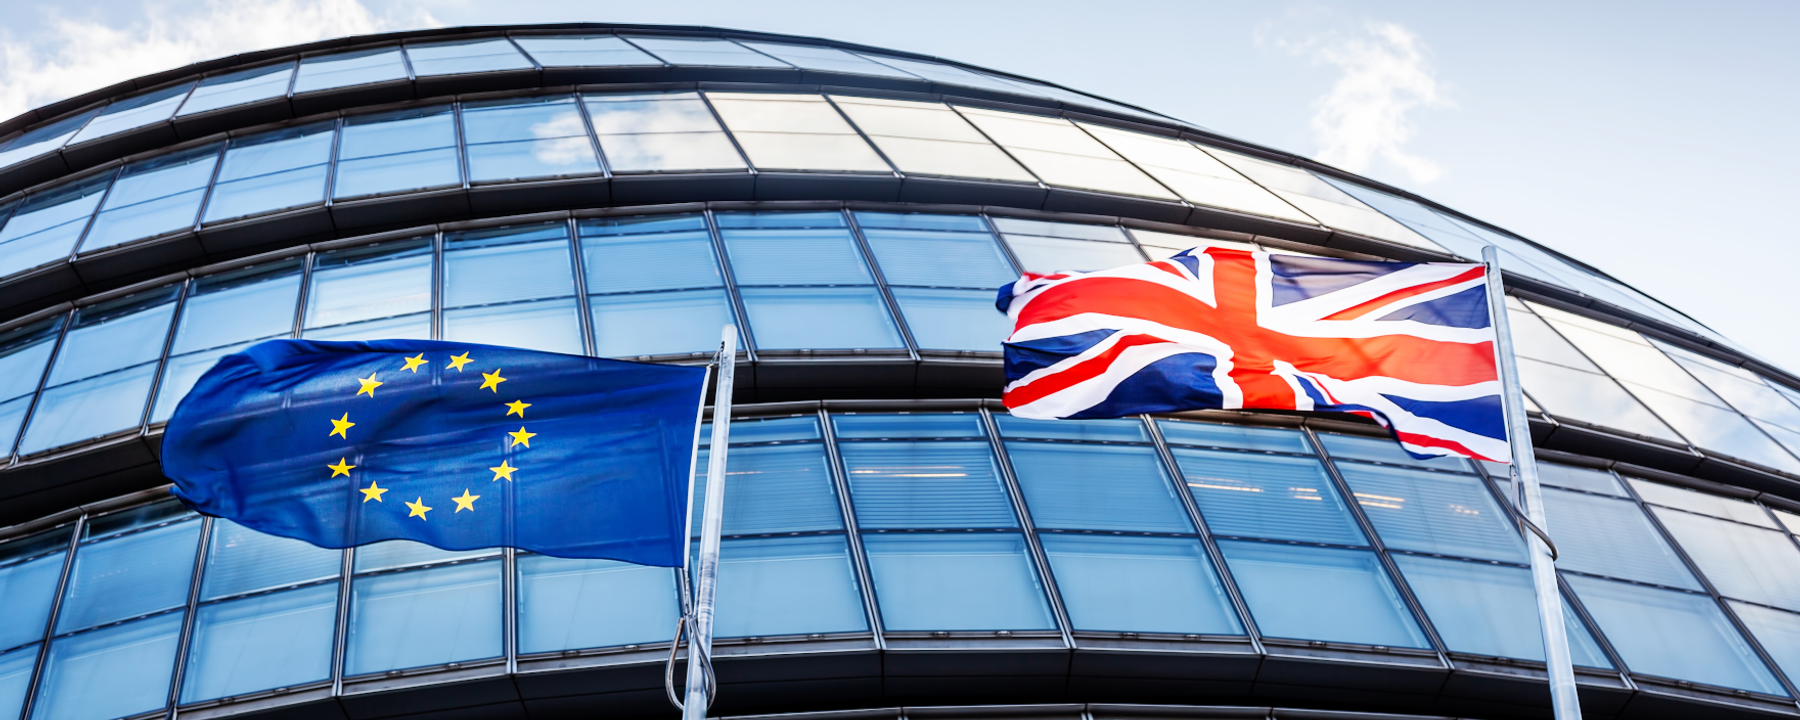 UK to Recruit Top Scientists in New Visa Program